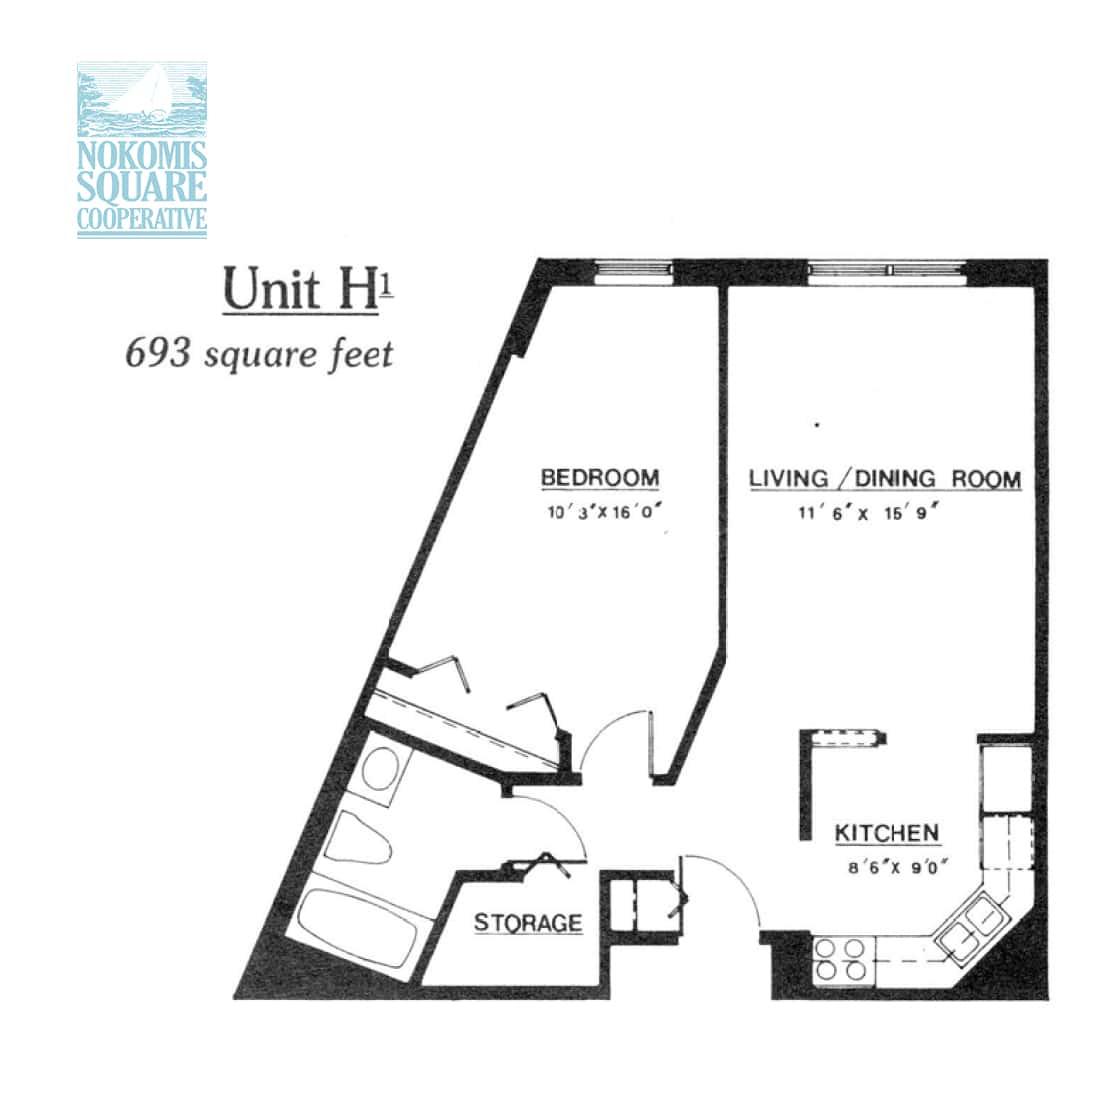 1 br Floorplan Unit H1 - Nokomis Square Senior Cooperative